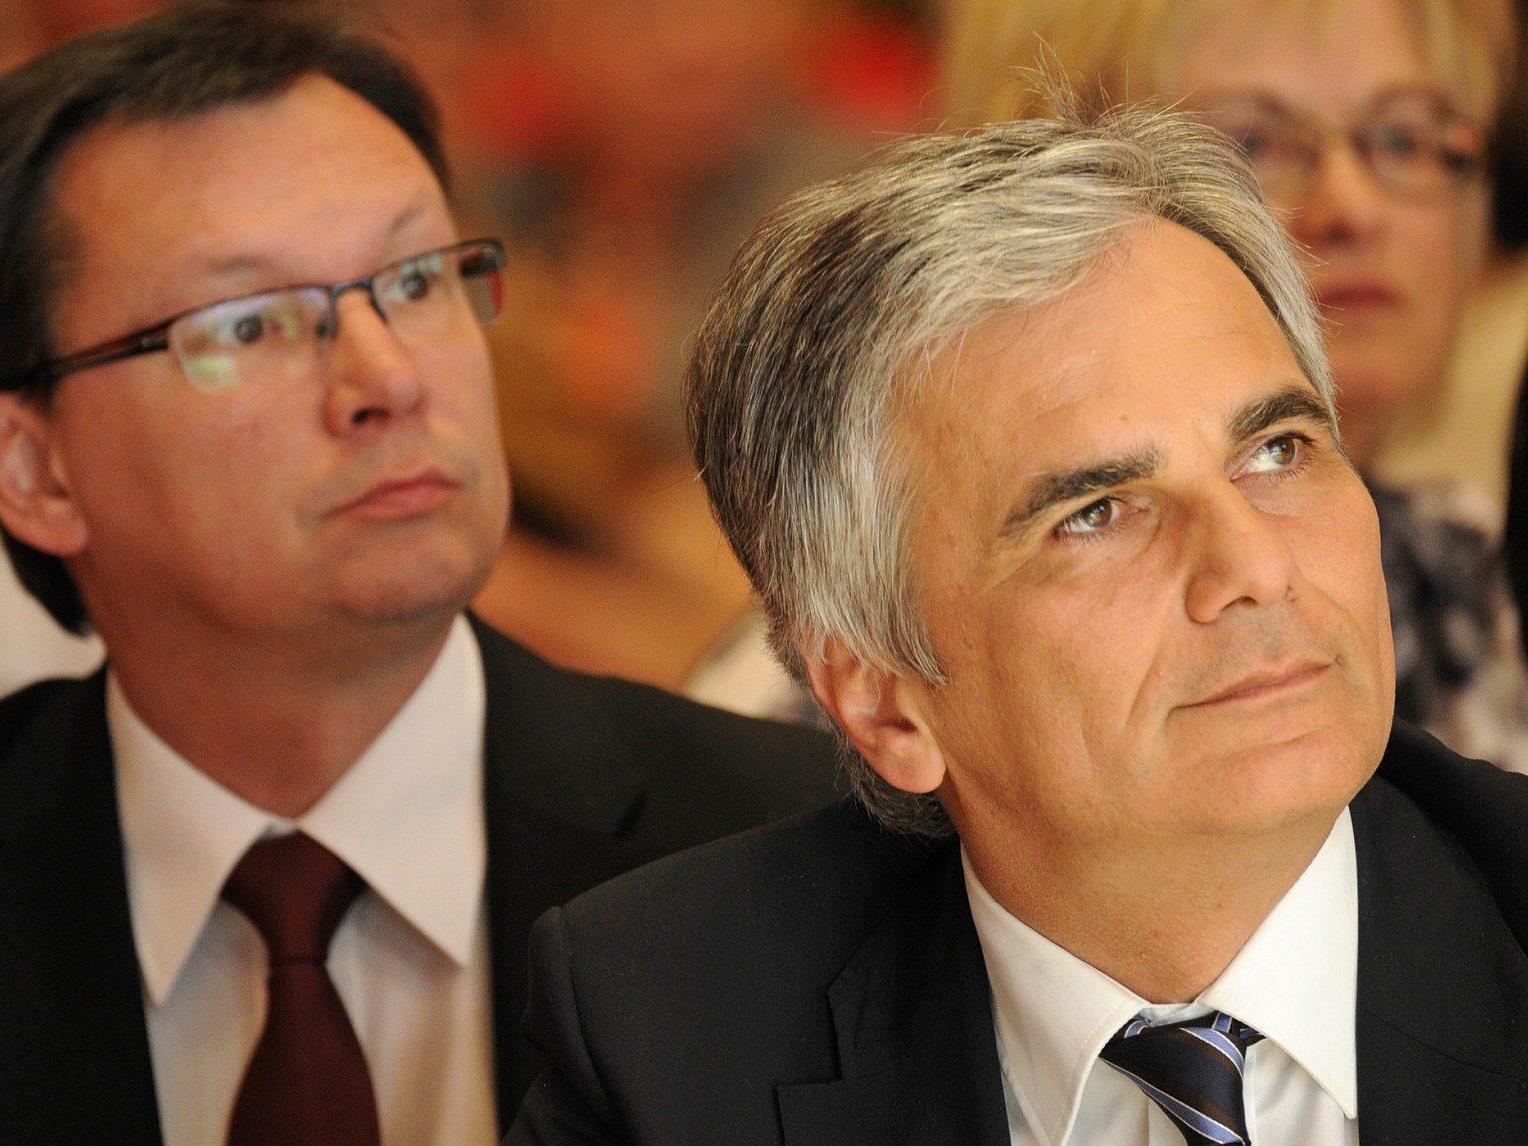 Die Öffi-Freifahrt für Jugendliche wurde nun in den Entwurf des Wahlprogrammes aufgenommen.